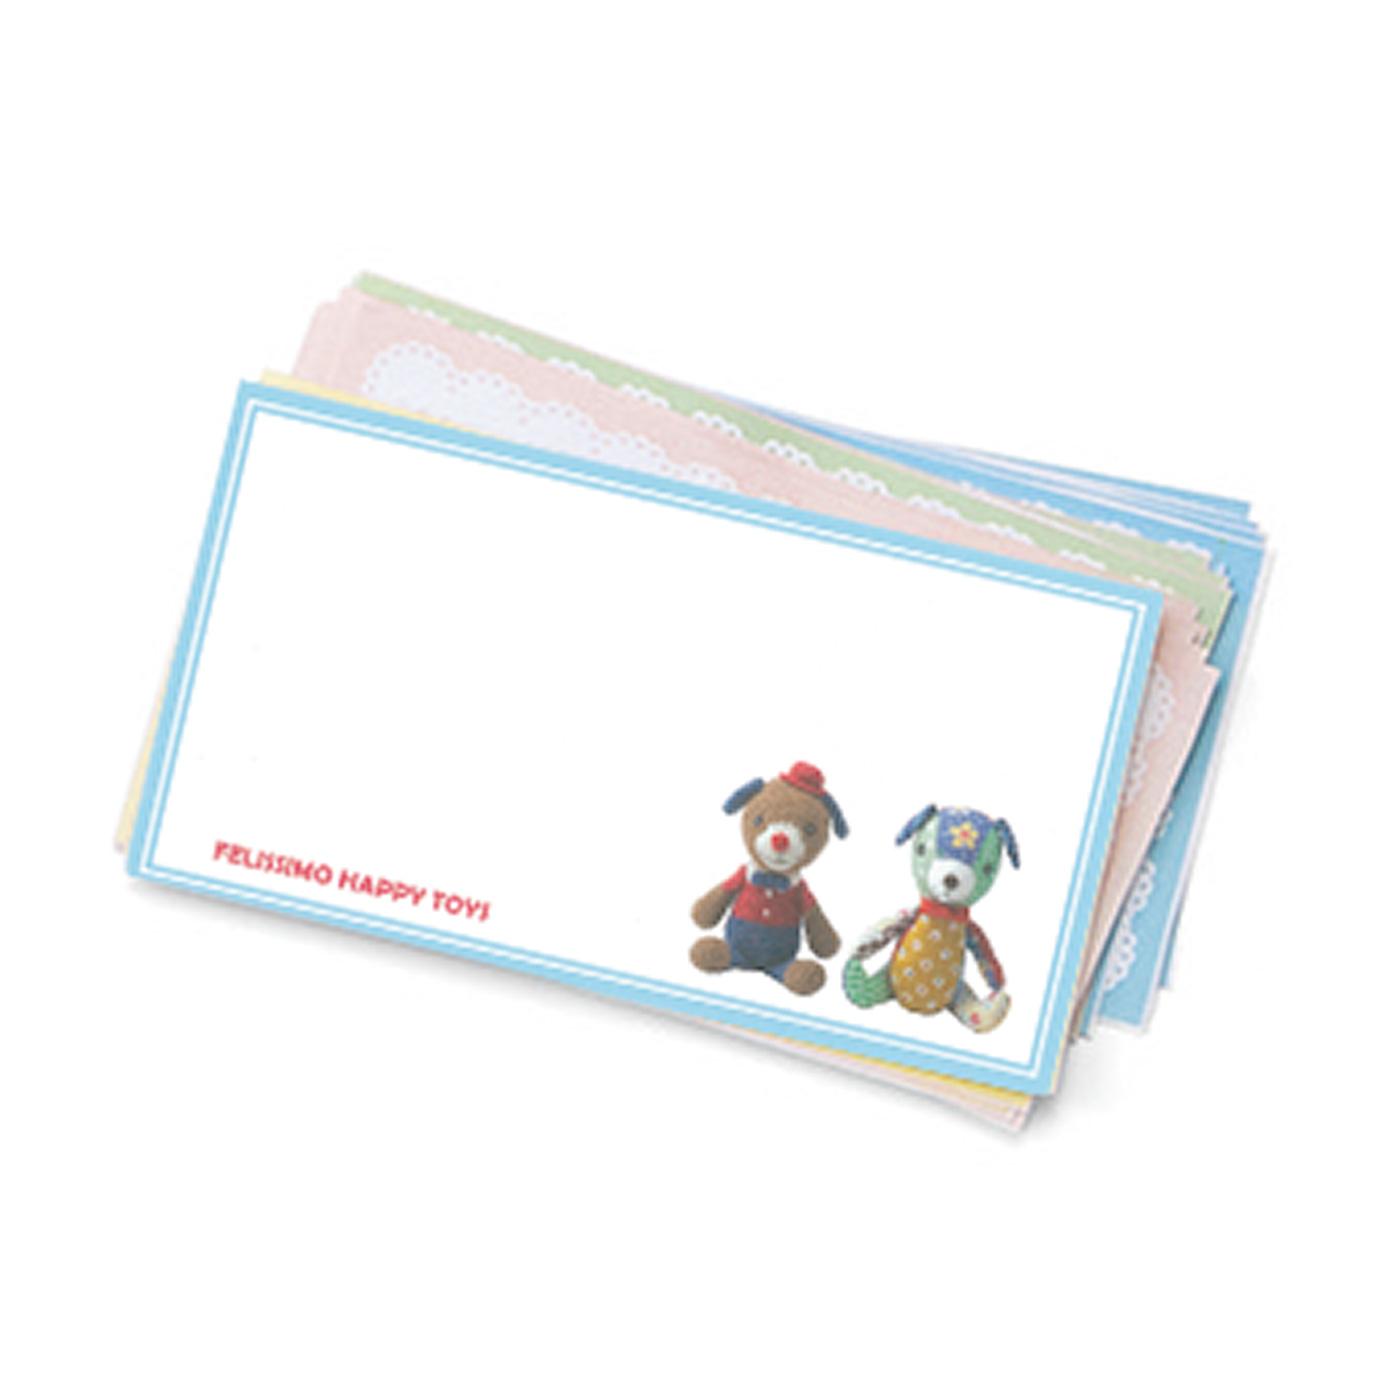 材料セット付きには20周年特別メモリアルカード(20枚)が付いてきます!